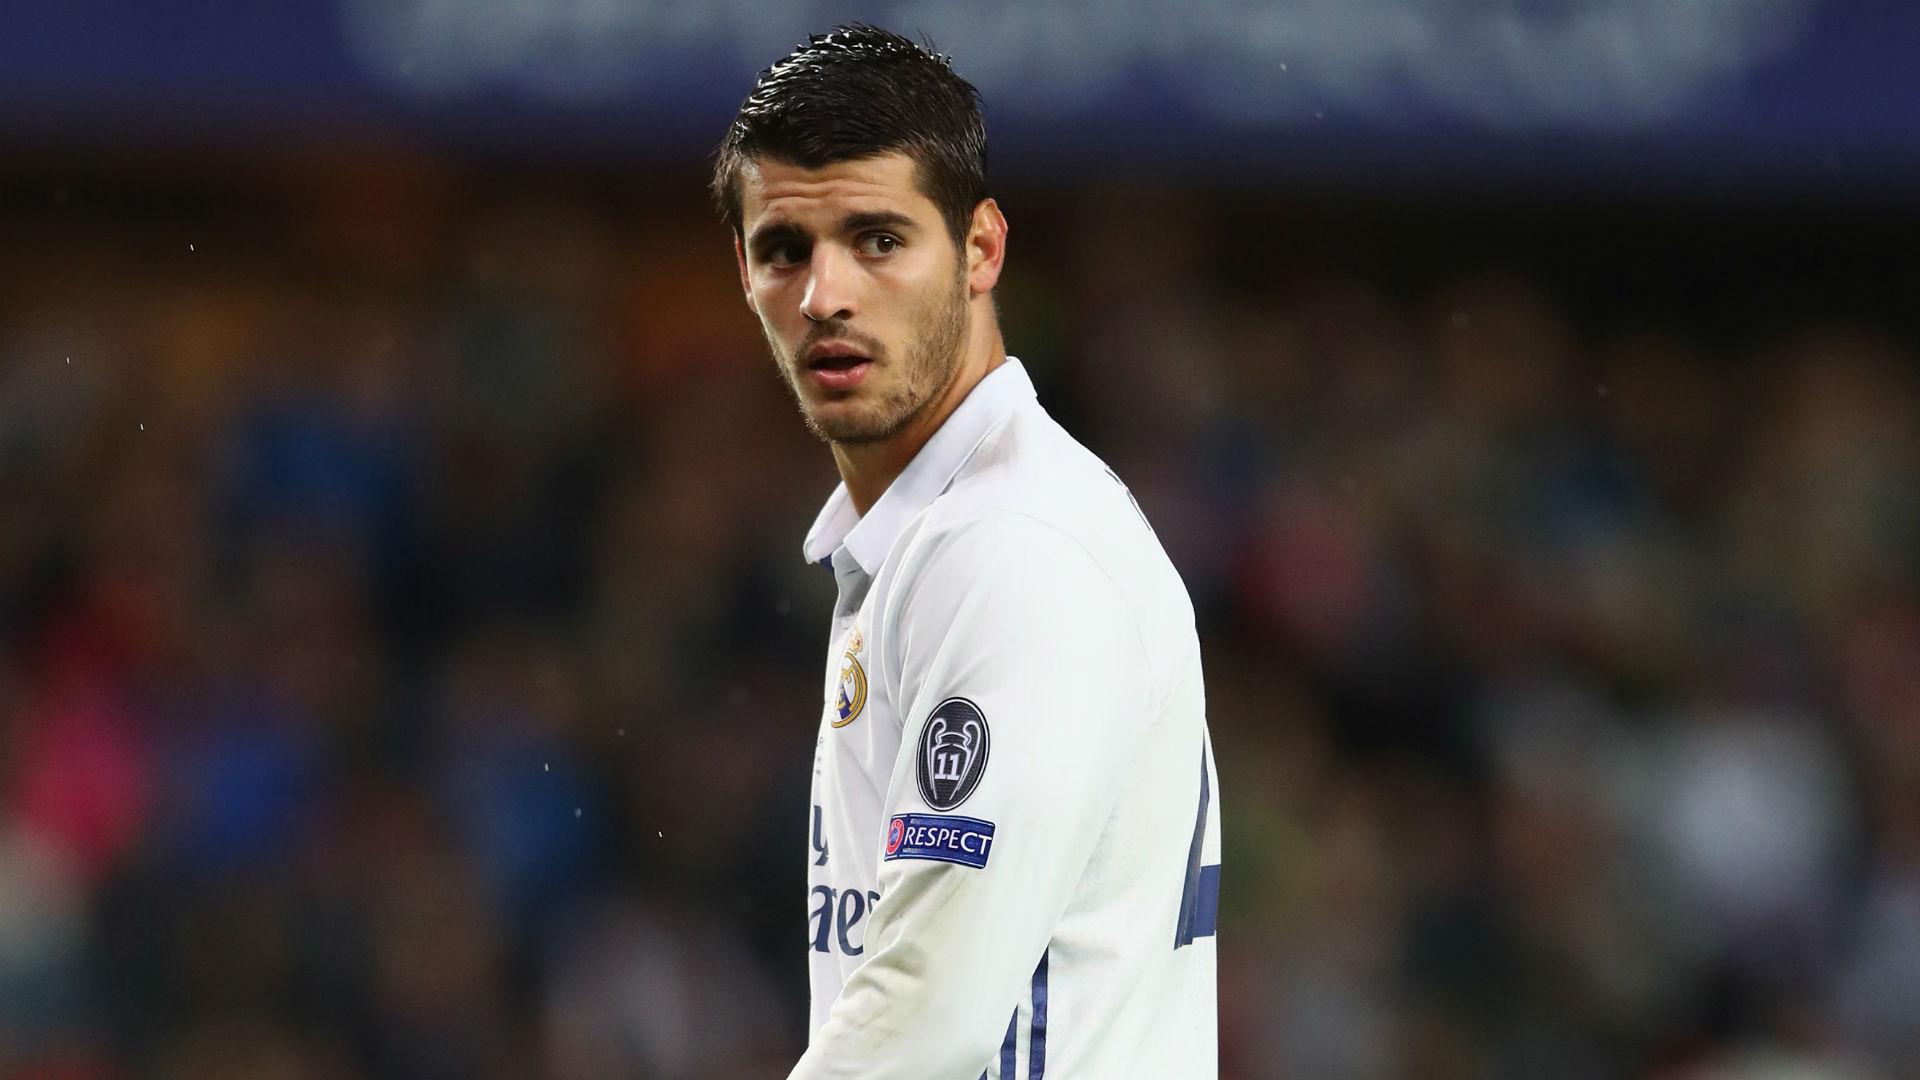 Nóng: Chelsea đạt thỏa thuận chiêu mộ Morata - Bóng Đá